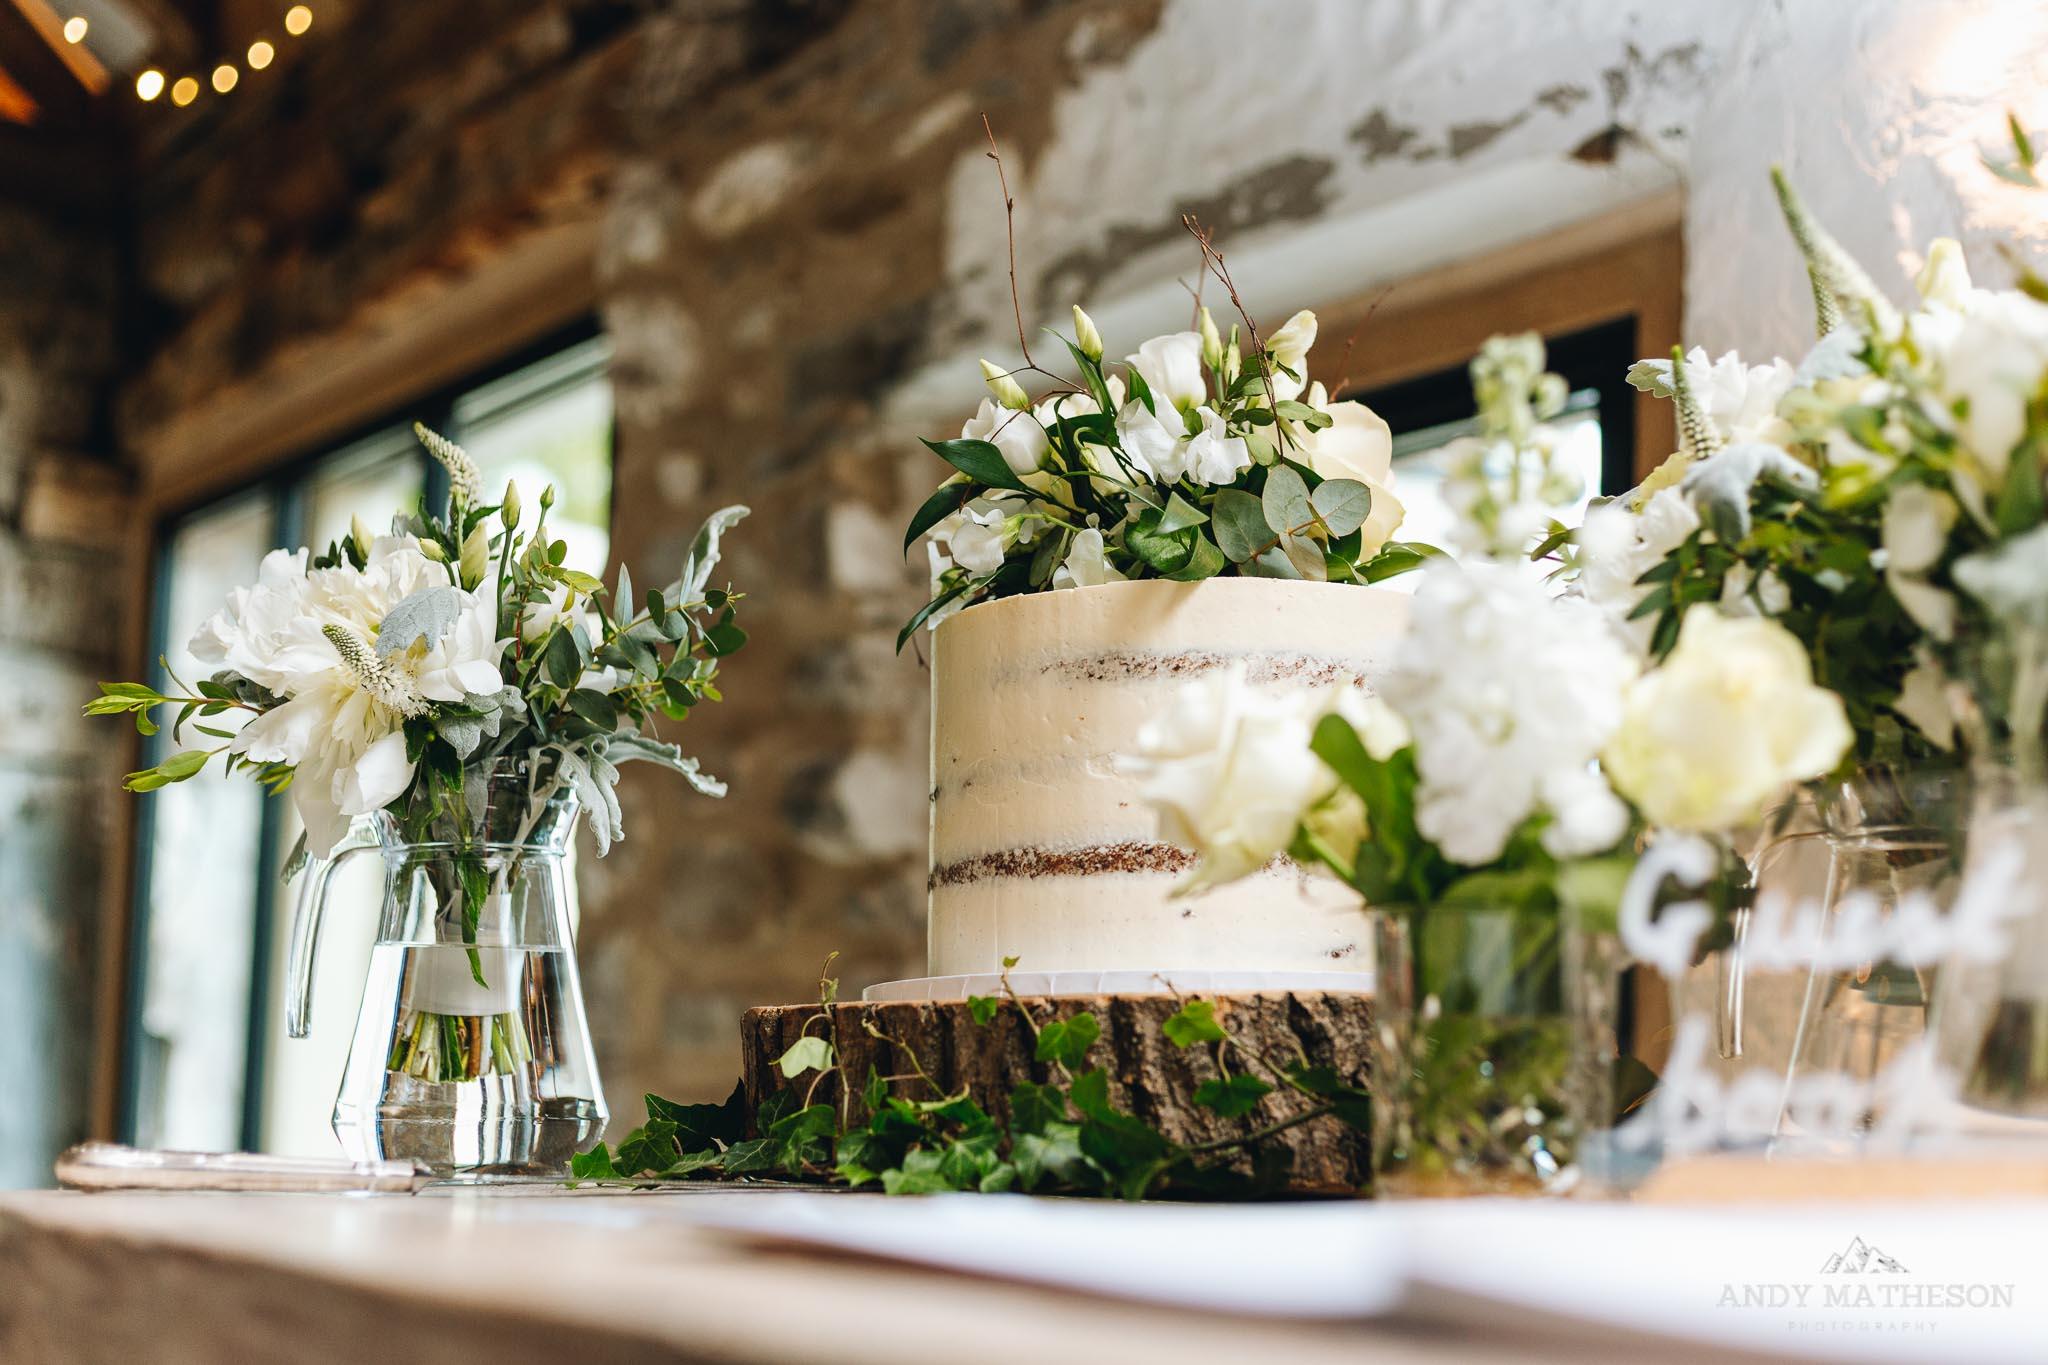 Tithe Barn Bolton Abbey Wedding Photographer_Andy Matheson_077.jpg